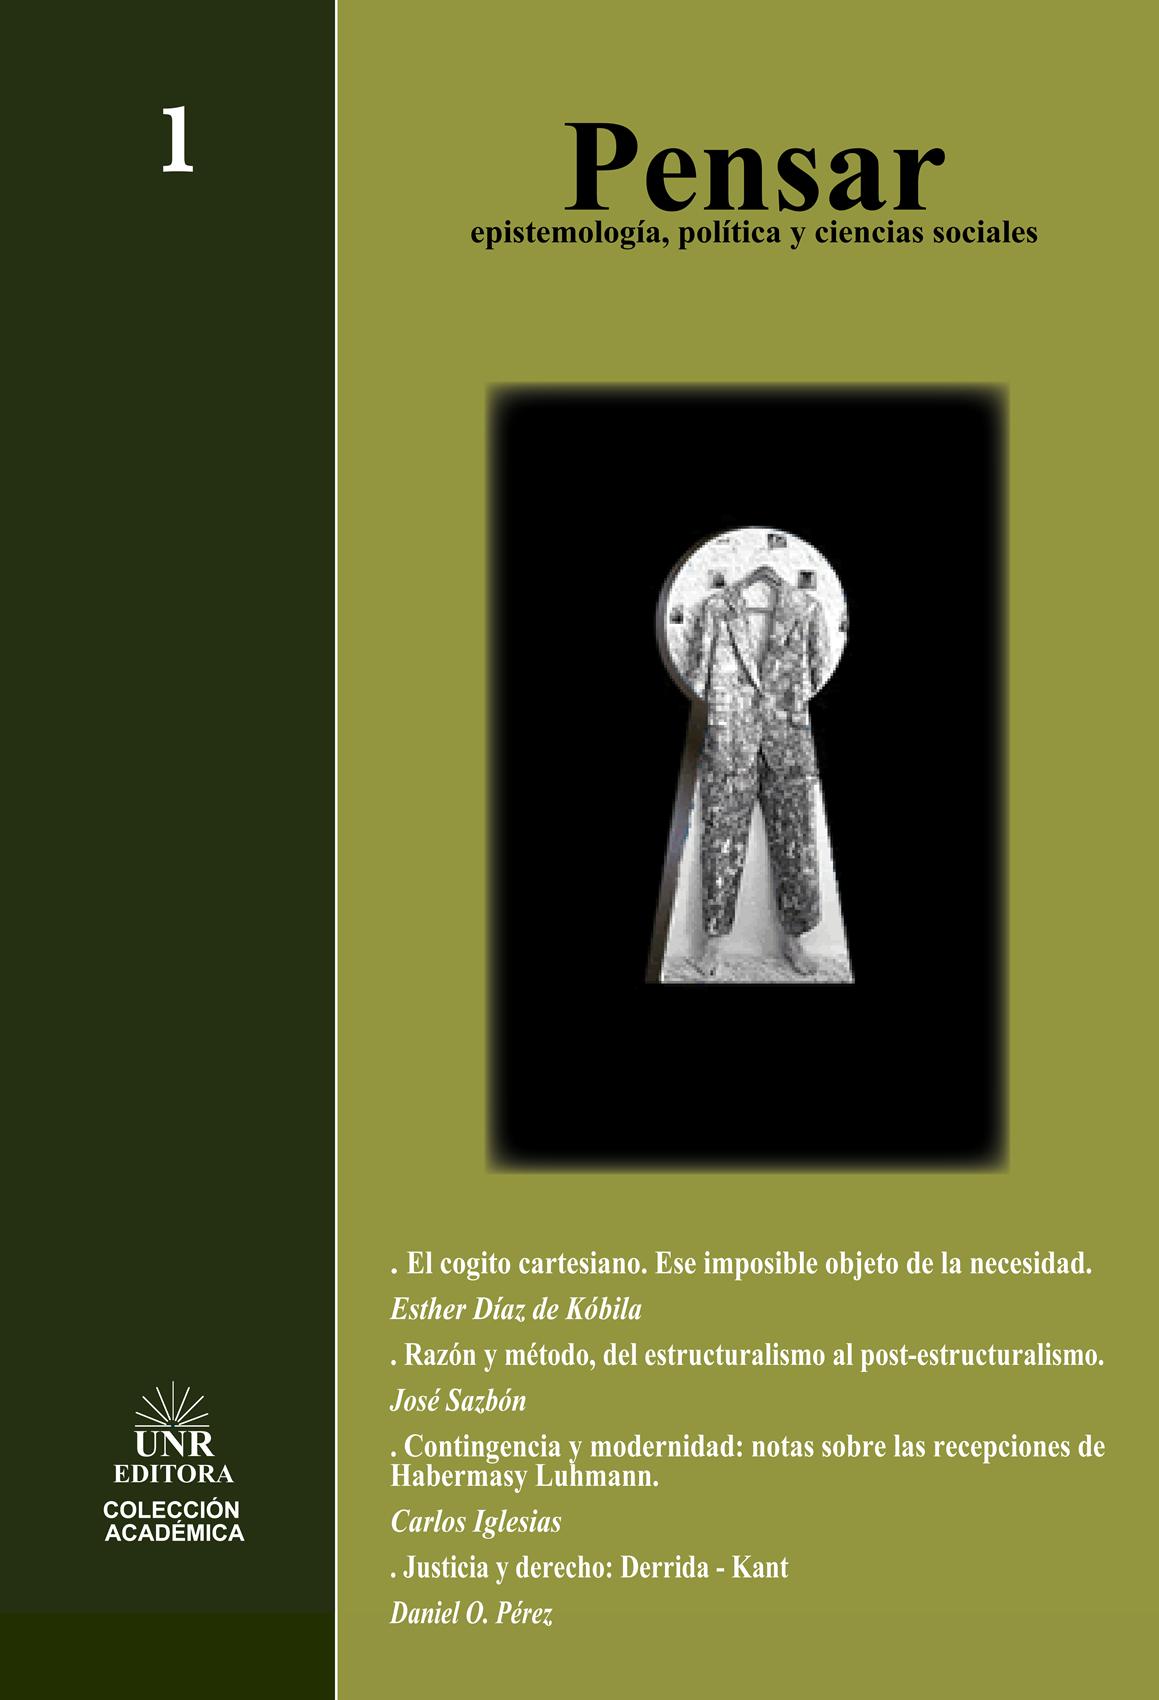 Pensar. Epistemilogía, Política y Ciencias Sociales - Nro 1